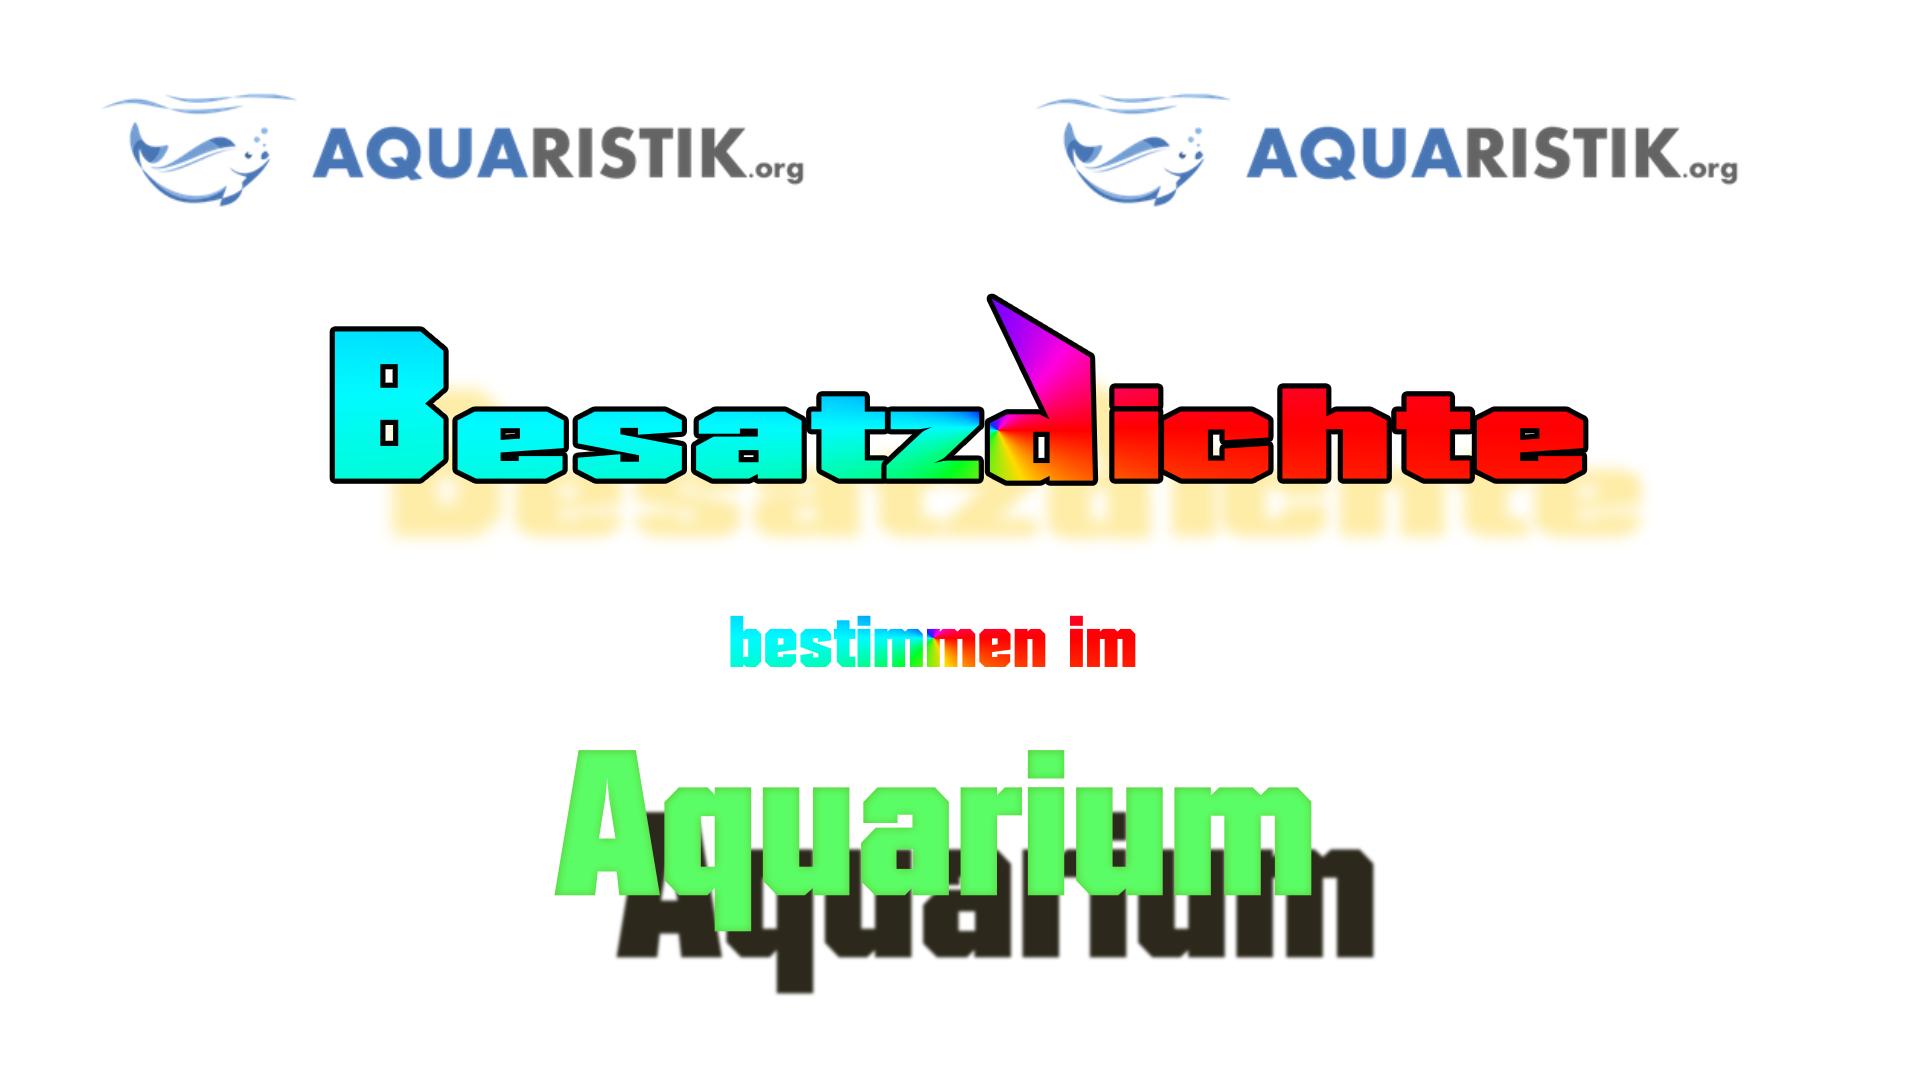 Besatzdichte Aquarium